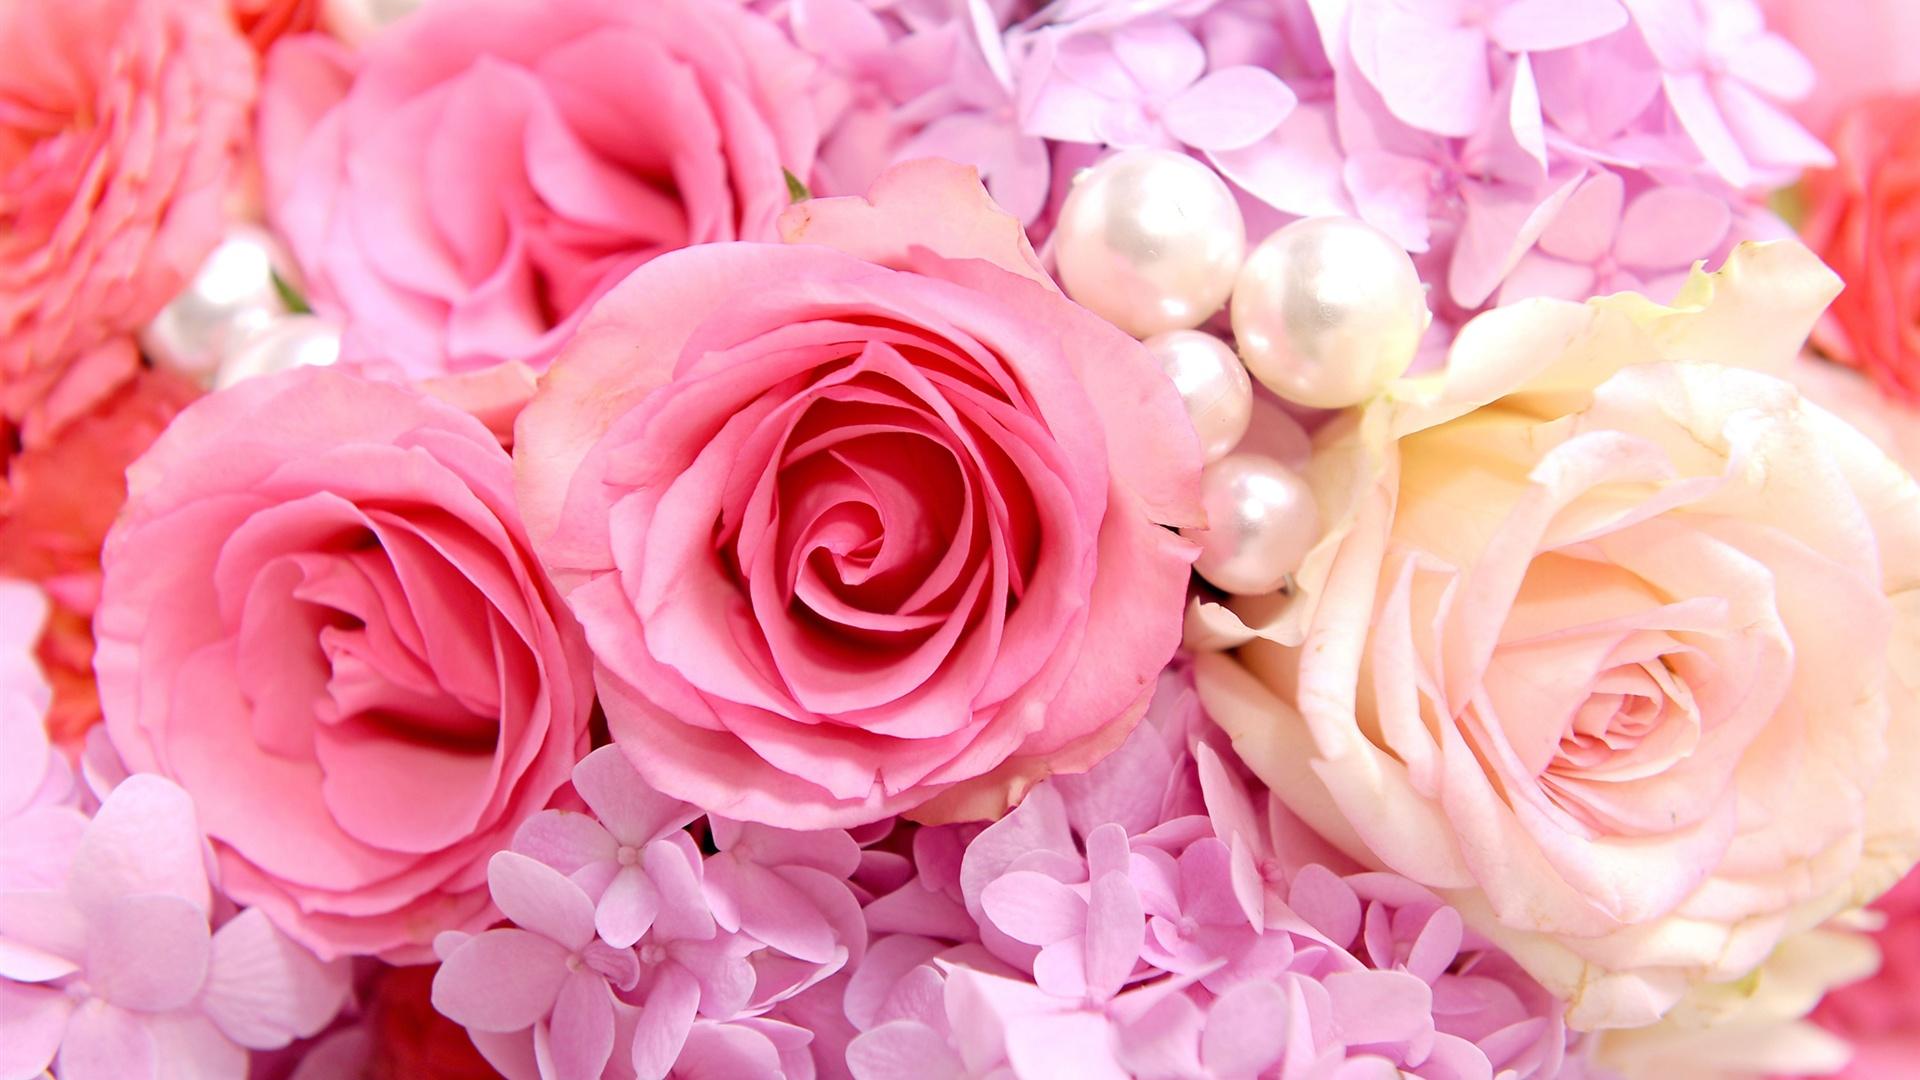 壁紙 ピンクのバラの背景 2560x1600 HD 無料のデスクトップの背景, 画像